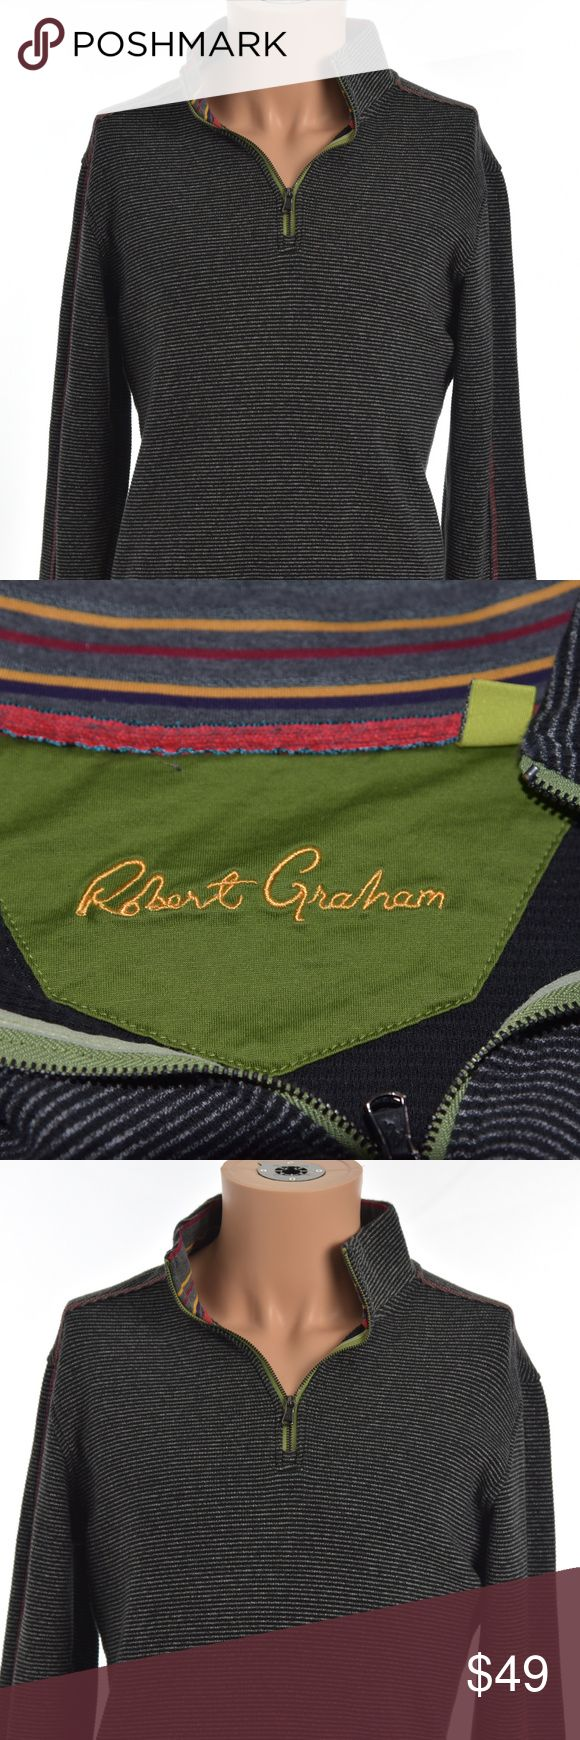 Robert Graham 100% Cotton L/S Half Zip Sweater Robert Graham Men's Small S 100% Cotton Long Sleeve Half Zip Sweater  Size: Small Robert Graham Sweaters Zip Up